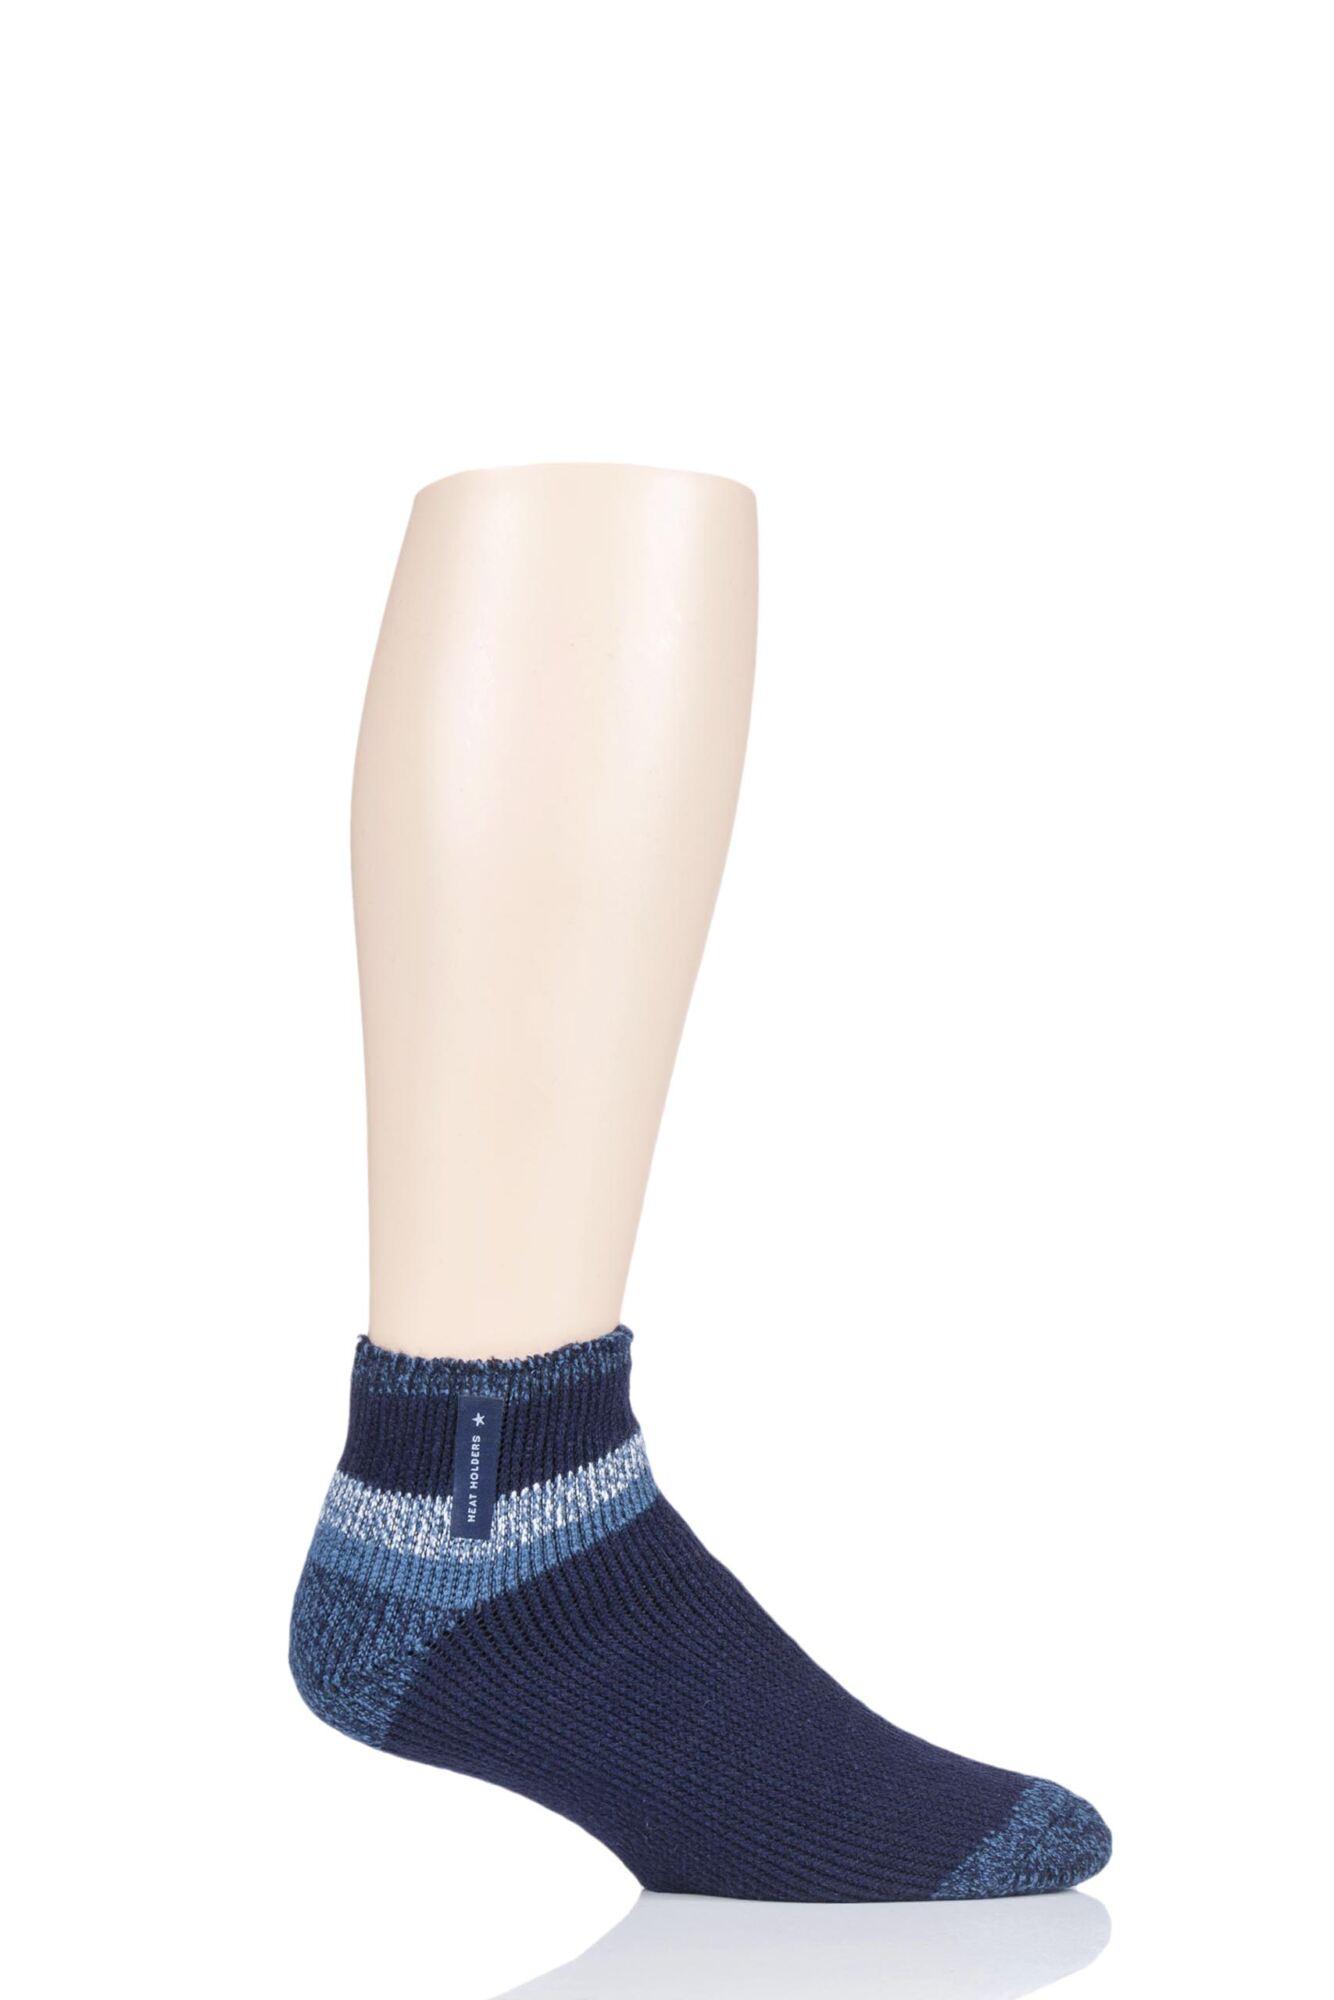 1 Pair Aubin Sleep Socks Men's - Heat Holders